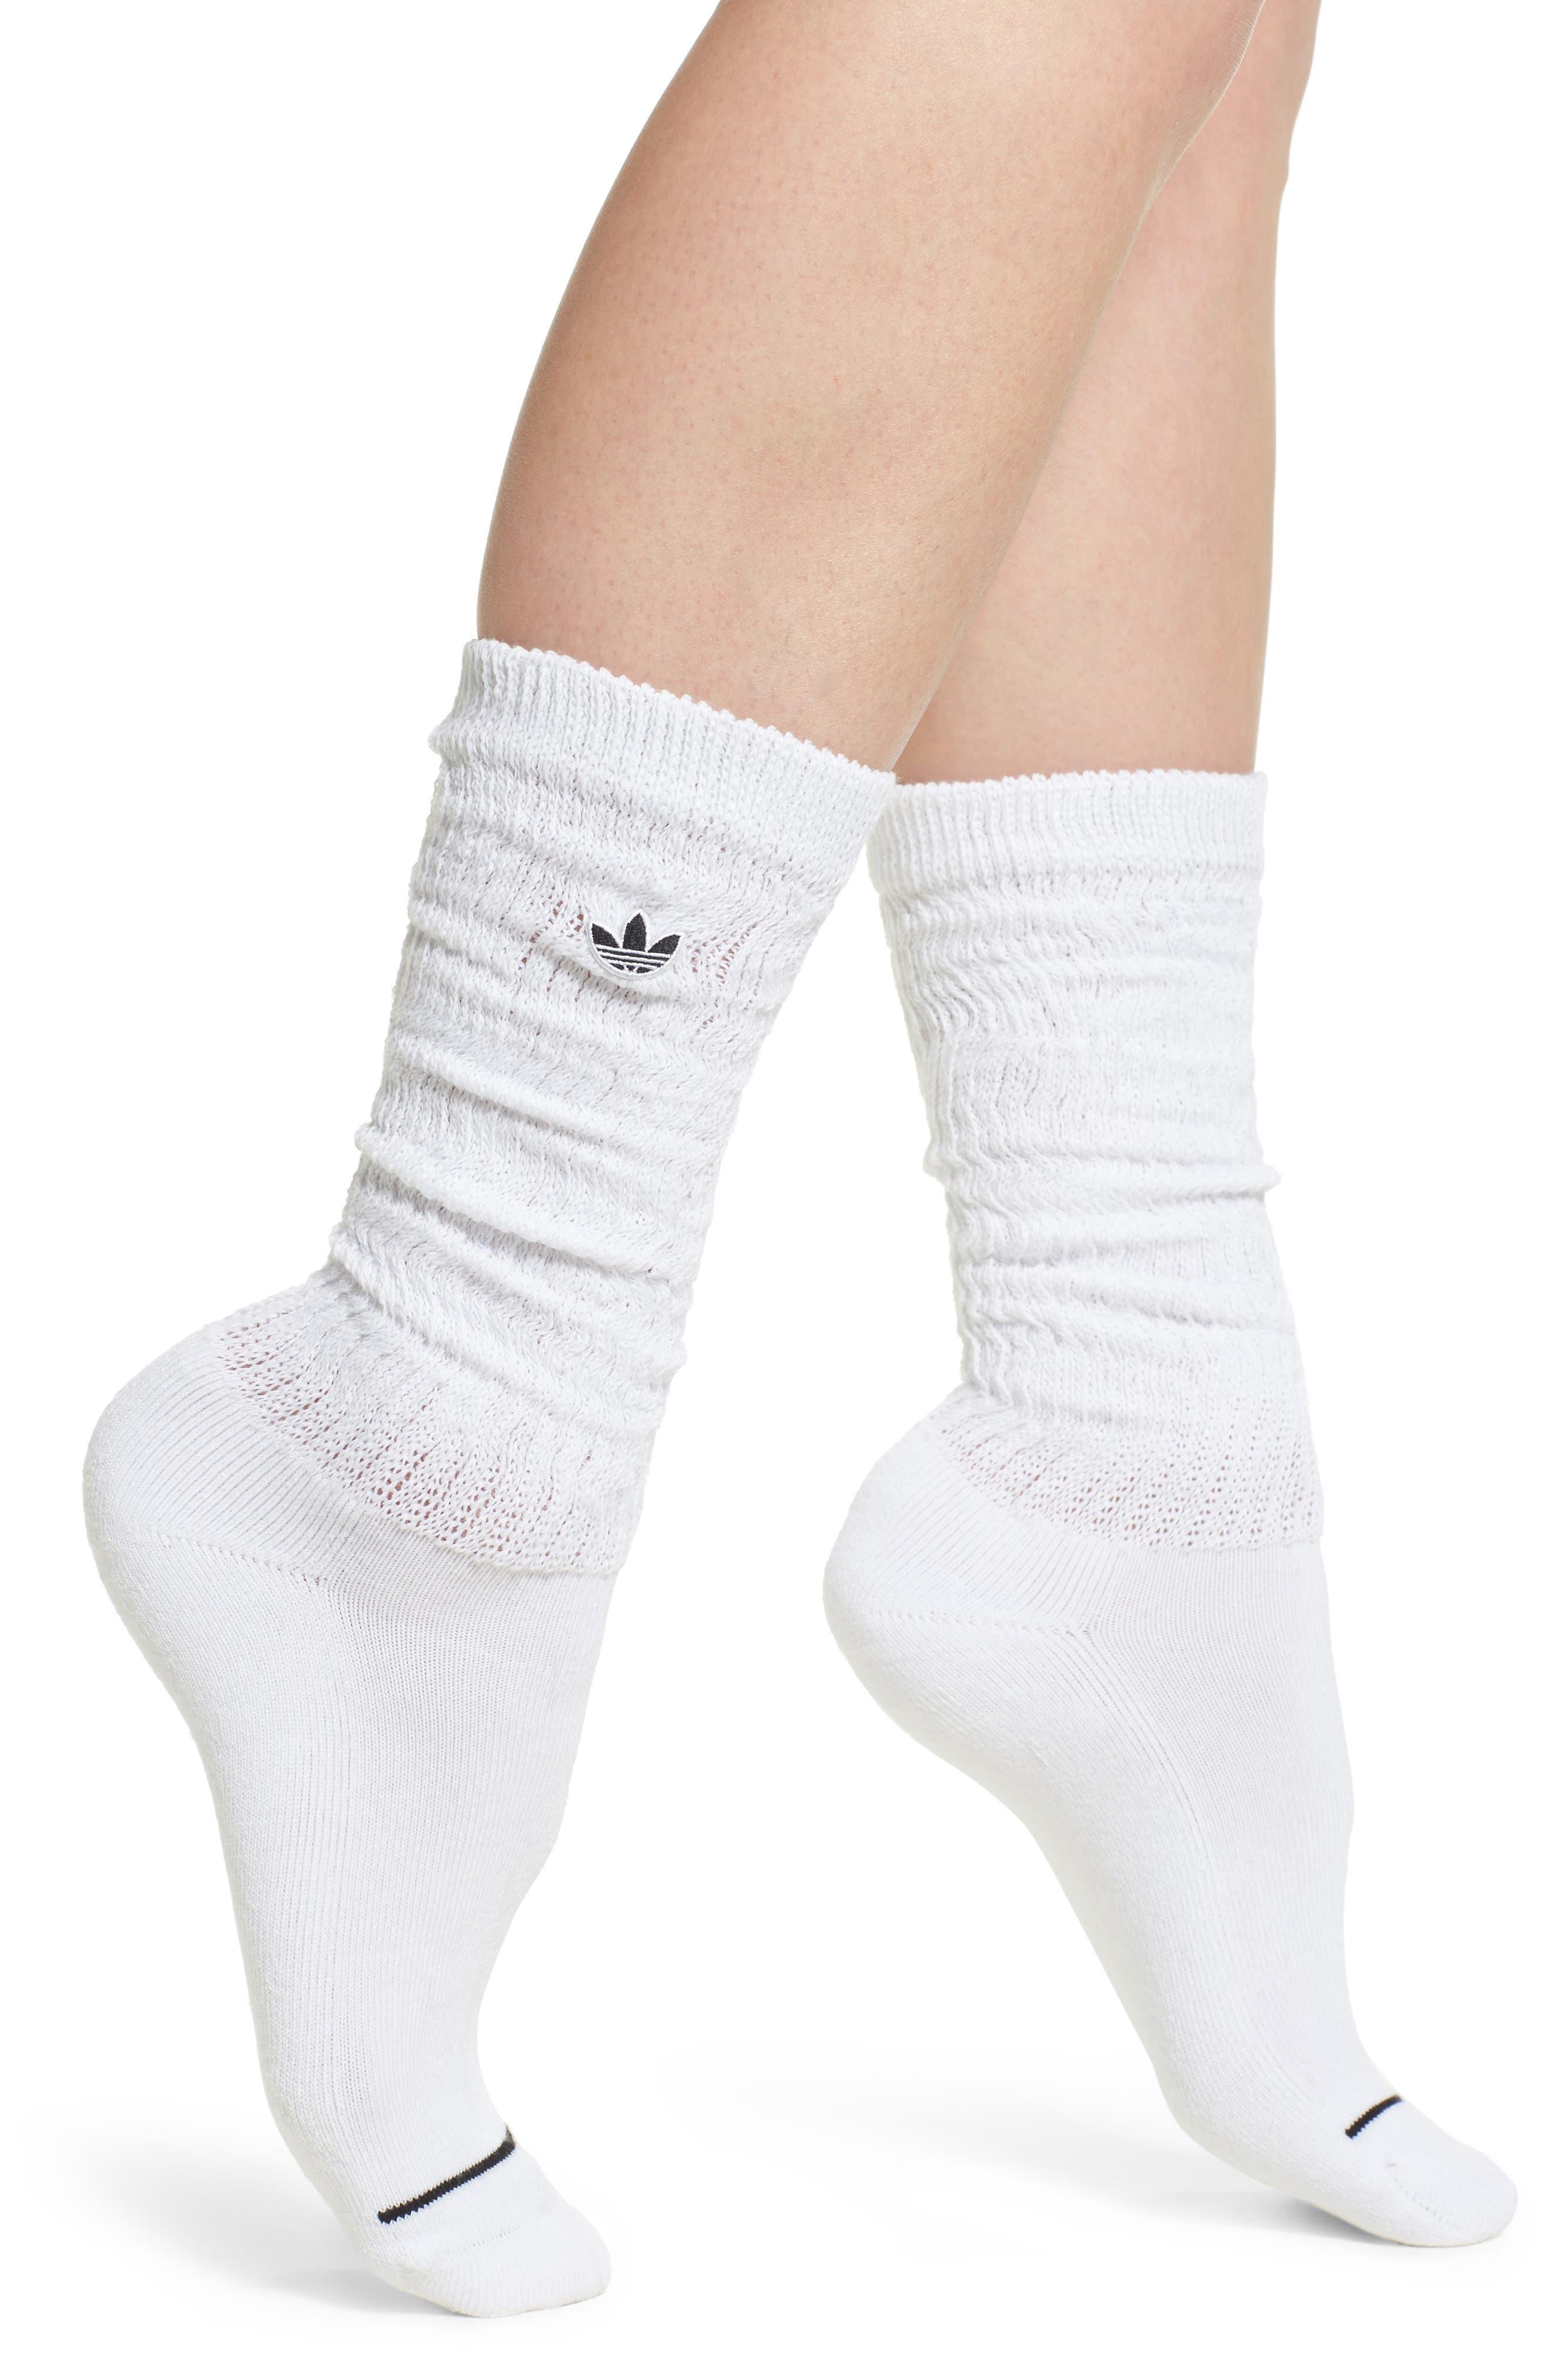 OG Slouch Crew Socks,                             Main thumbnail 1, color,                             White